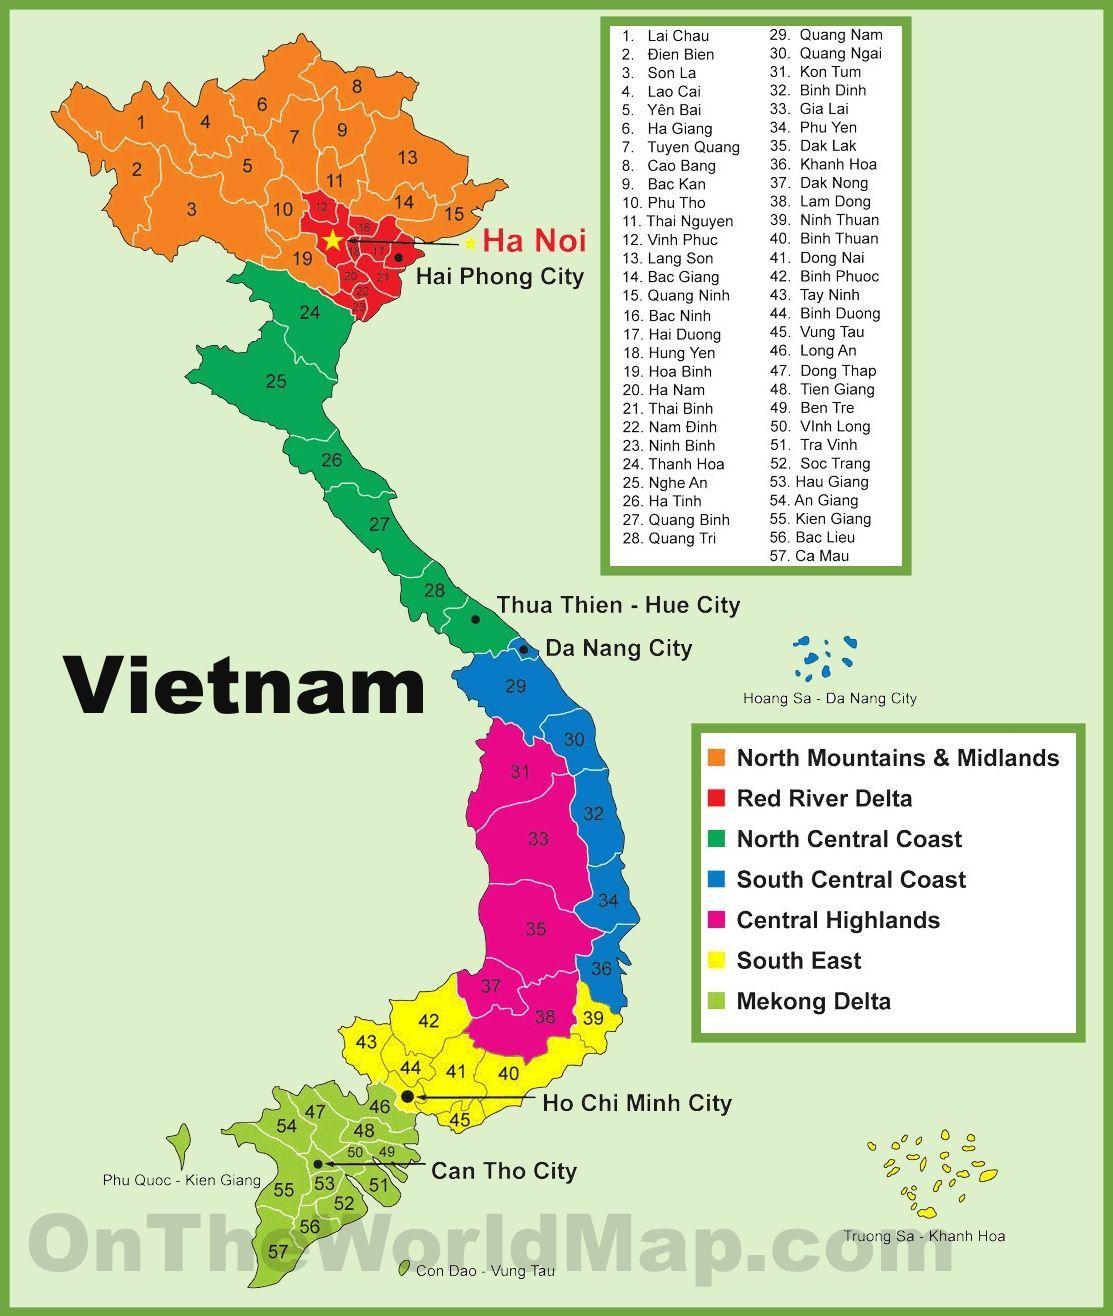 Карта Вьетнама - провинции и регионы